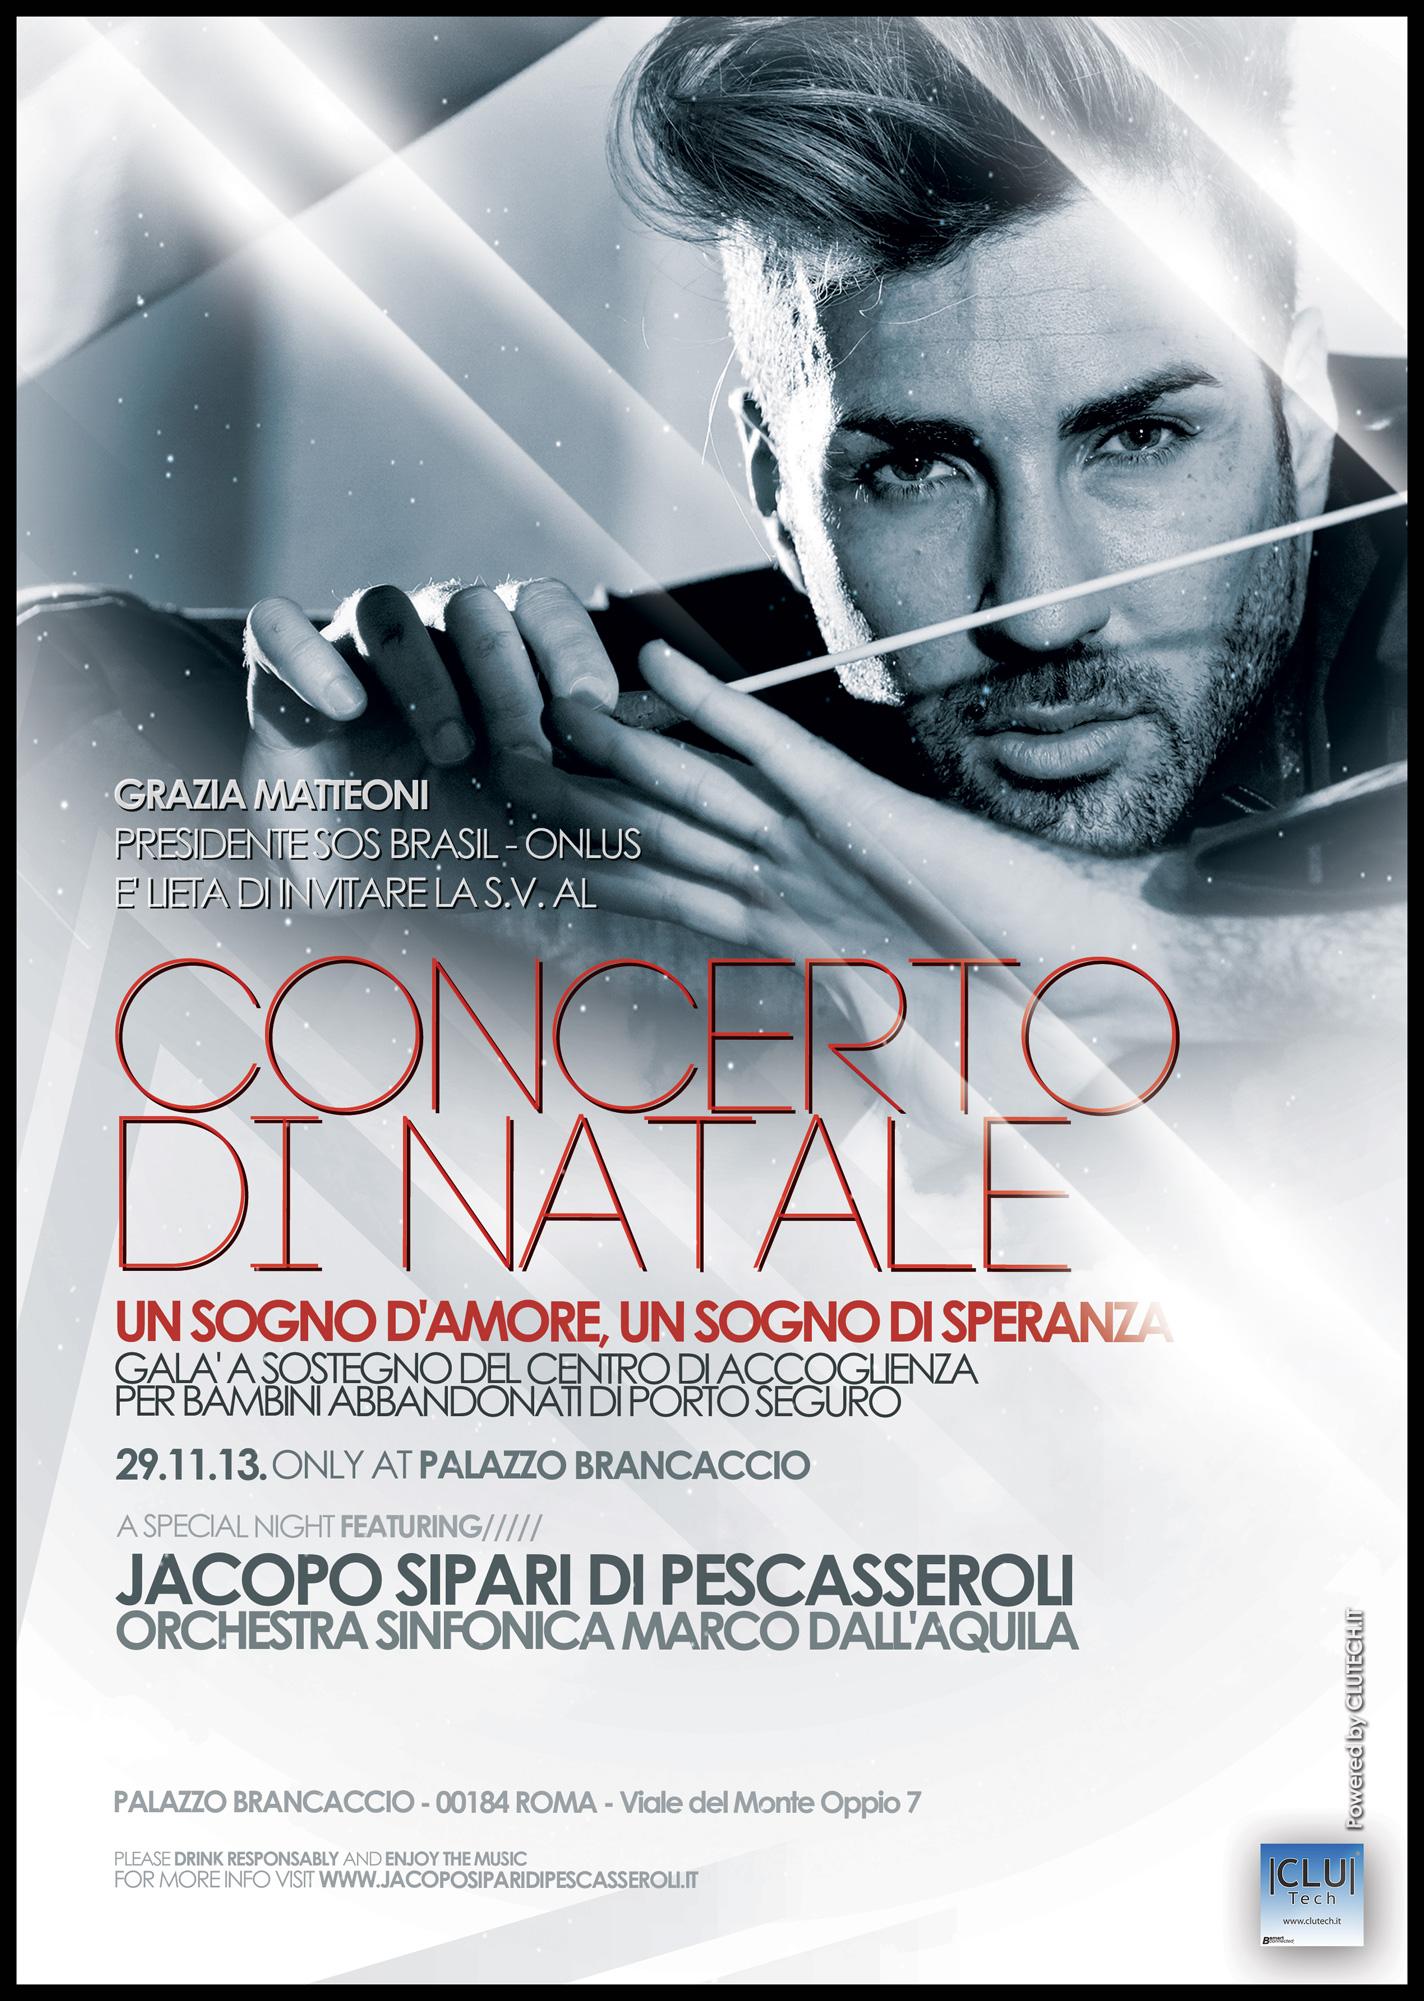 Flyer---Concerto-di-Natale---Sos-Brasil---291113